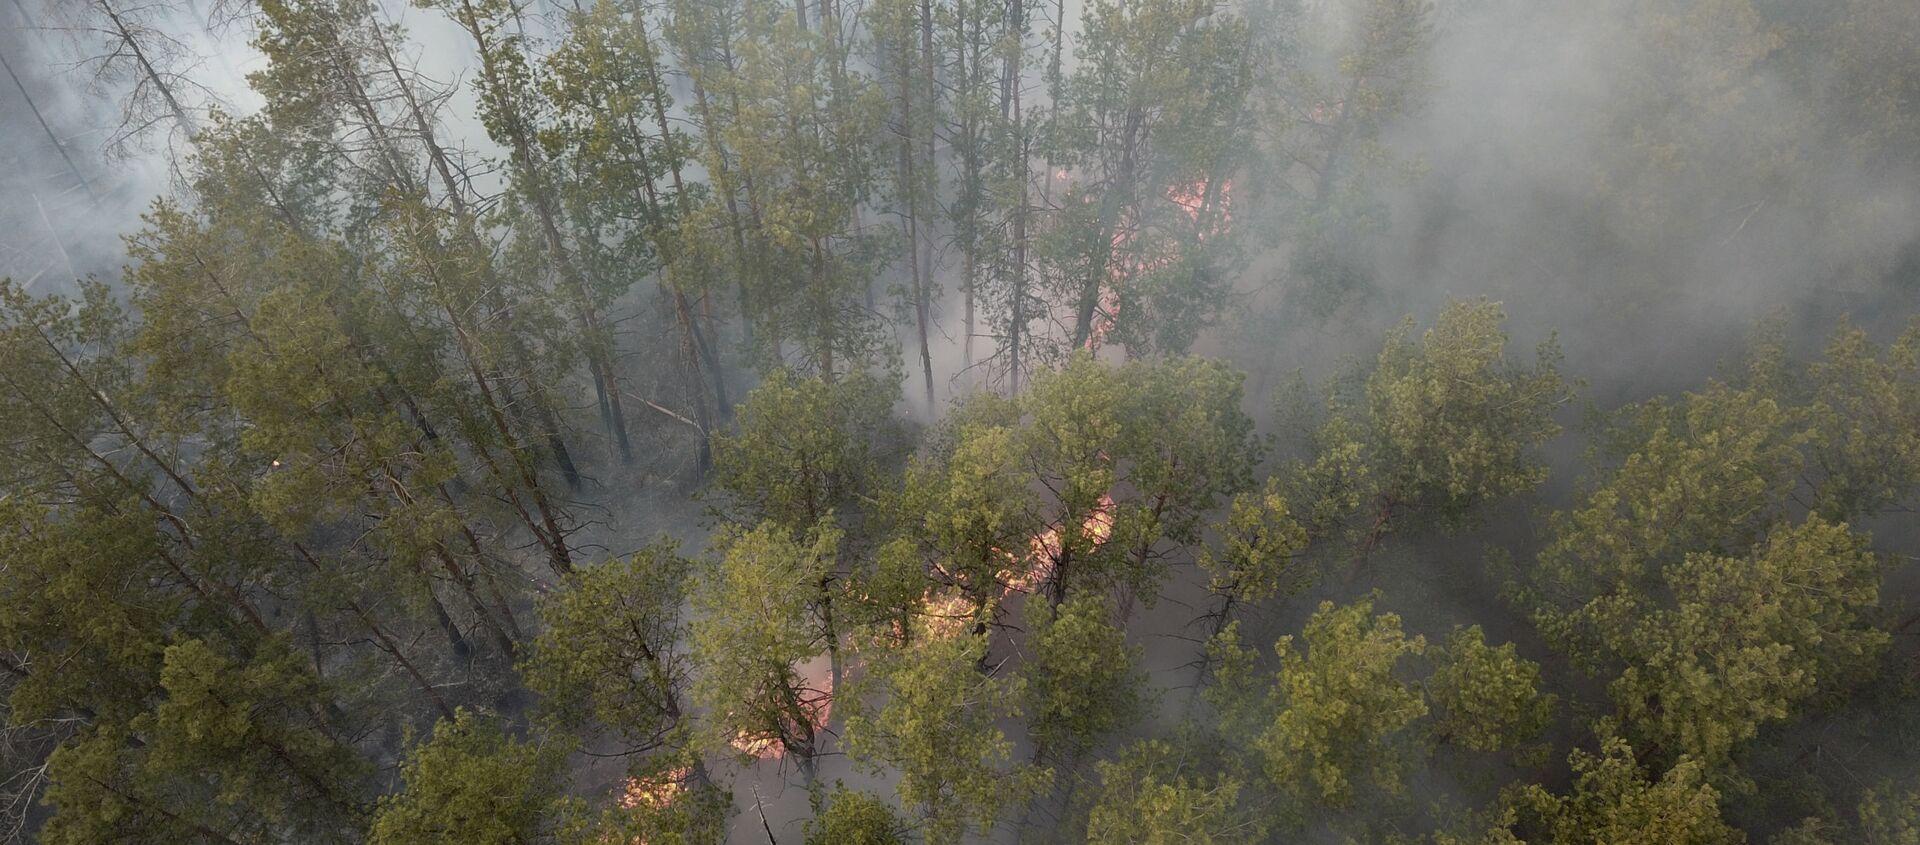 Pożar w Strefie Wykluczenia w Czarnobylu - Sputnik Polska, 1920, 23.03.2021